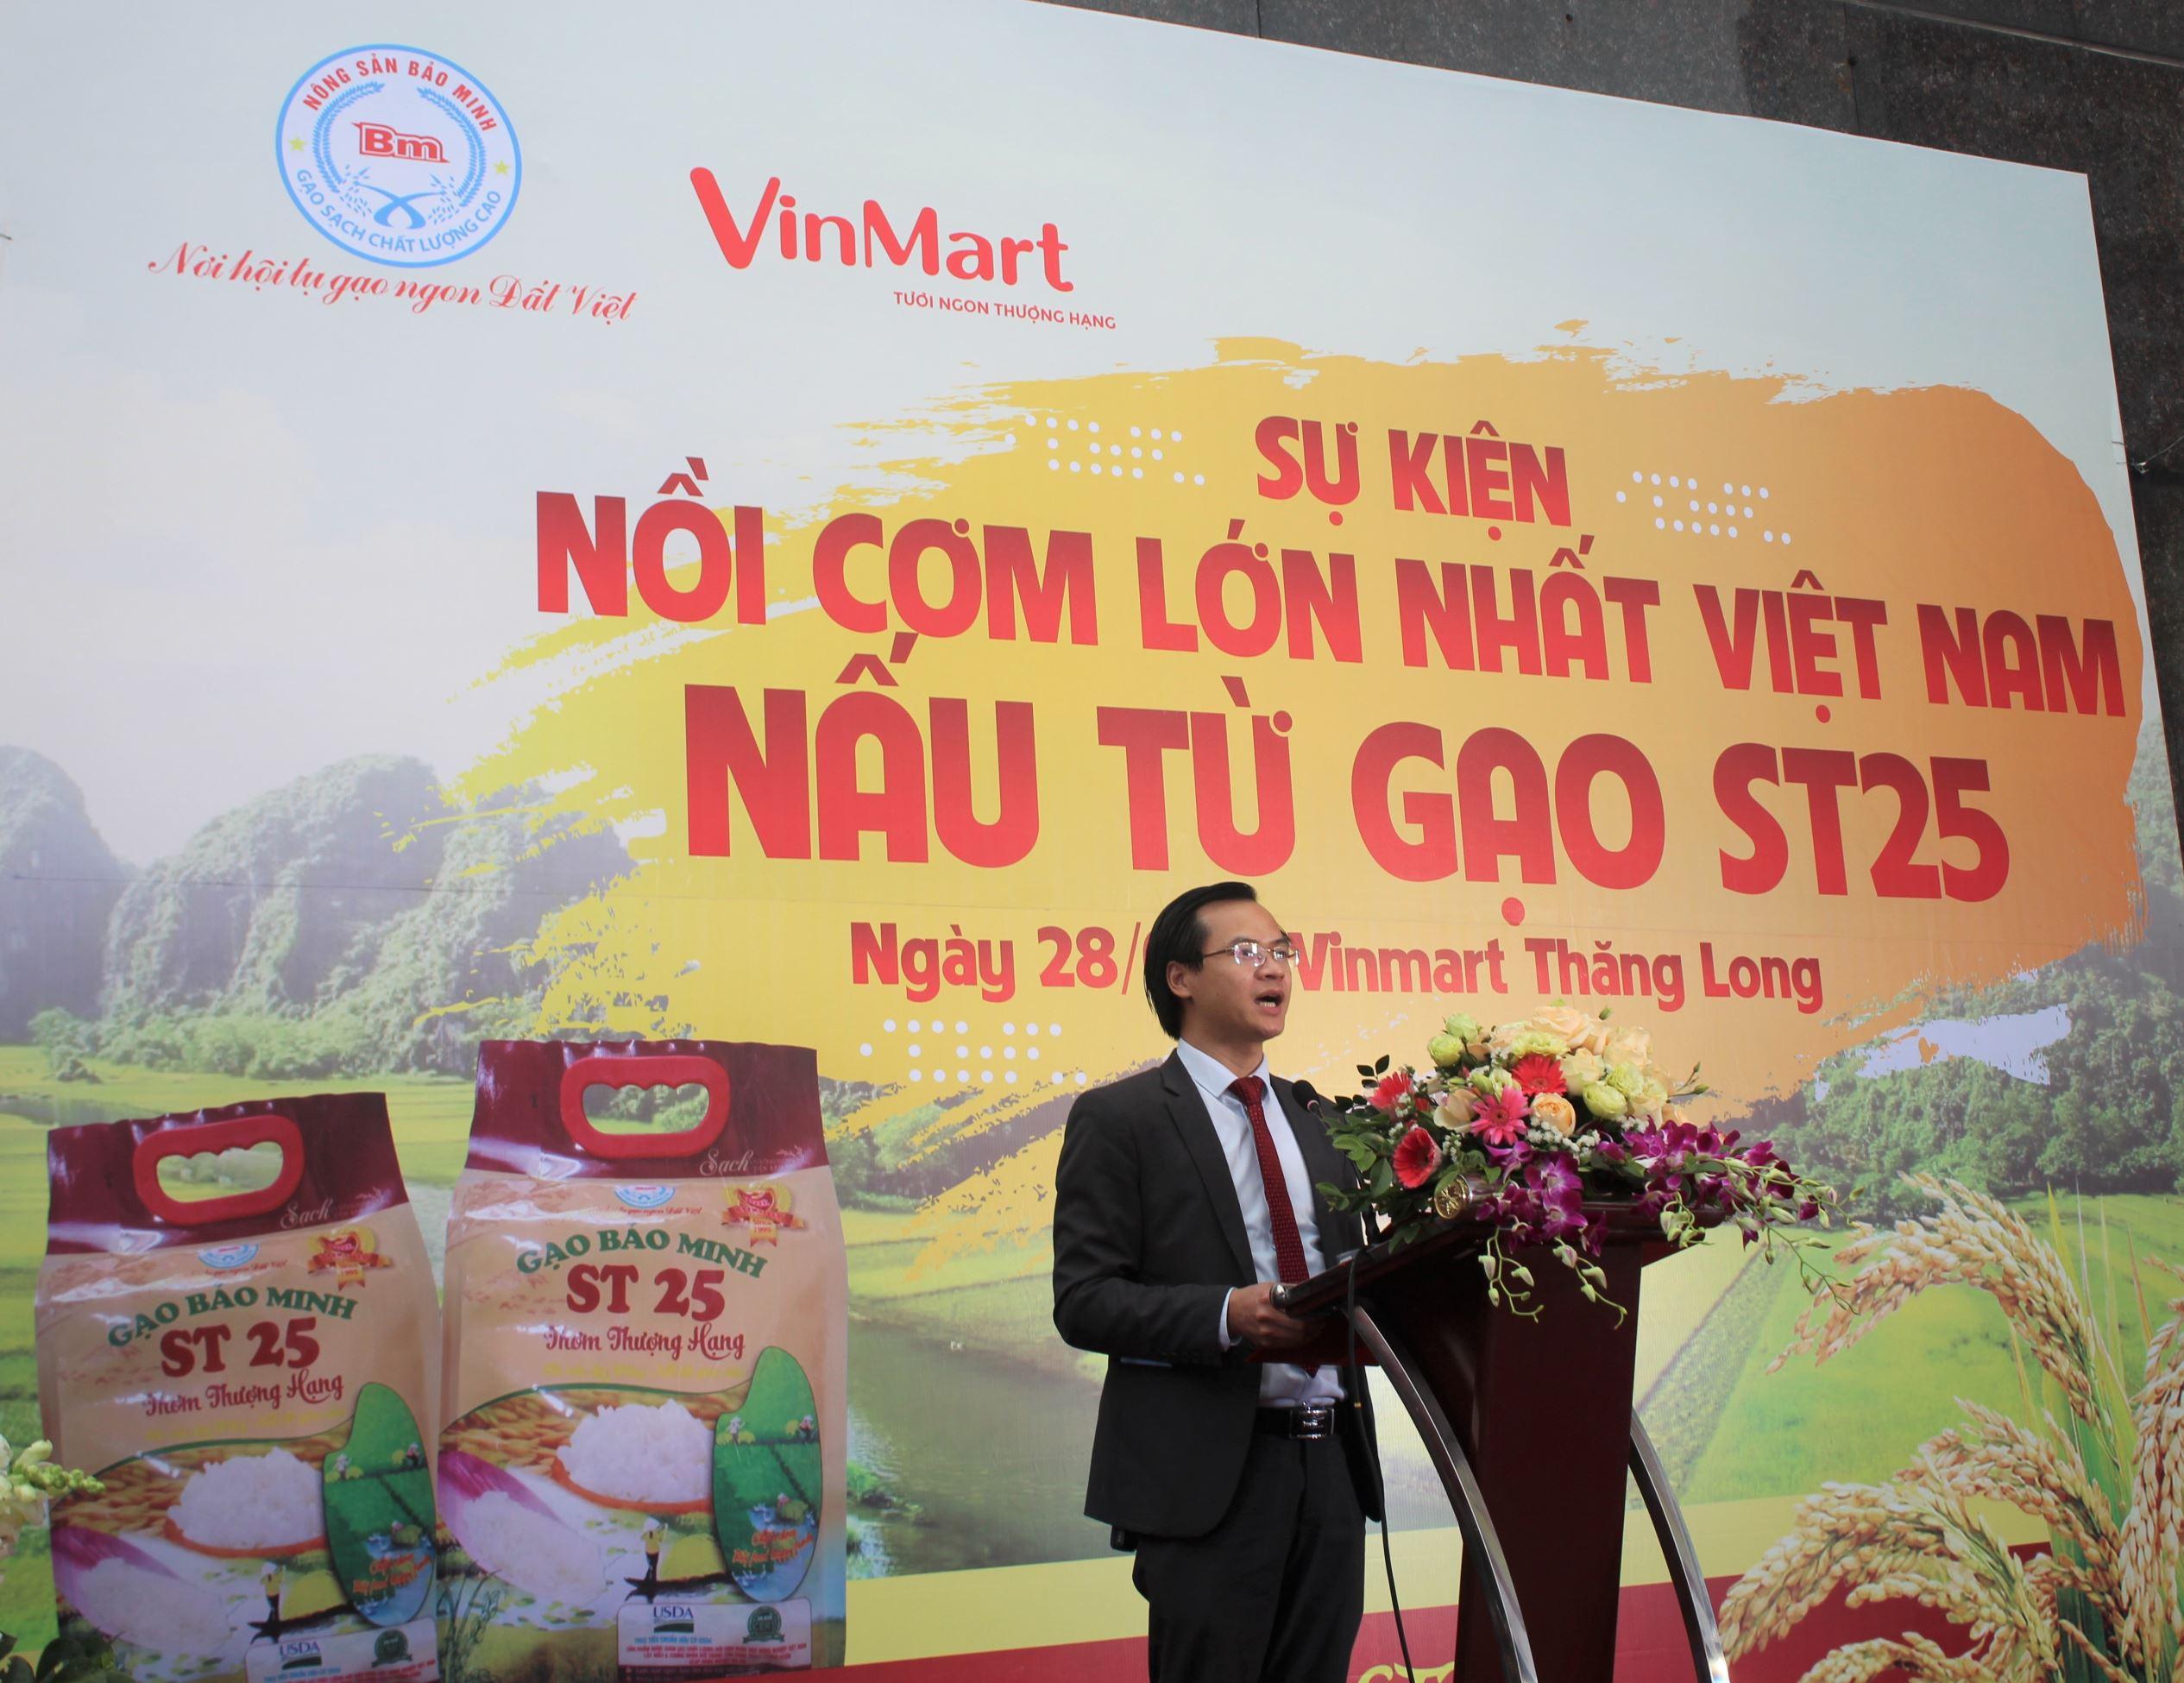 Ông Hoàng Thái Tuấn Anh – Tổng thư ký Tổ chức Kỷ lục Đông Dương, Trưởng VPĐD VietKingstại miền Bắc đại diện công bố quyết định xác lập Kỷ lục đếnCông ty CP kinh doanh chế biến nông sản Bảo Minh.